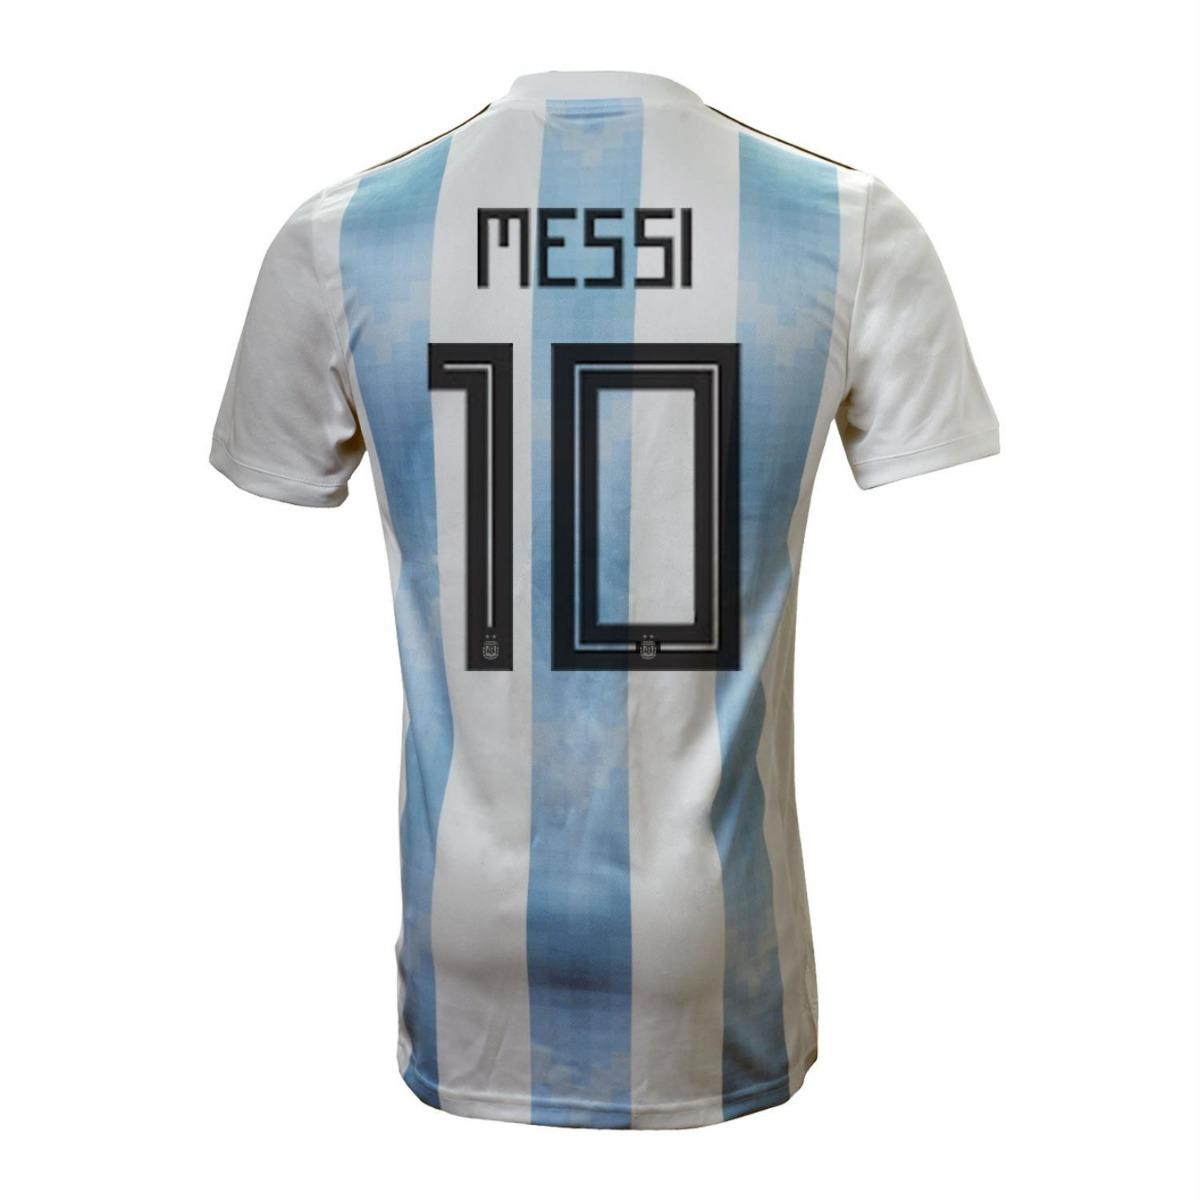 camiseta seleccion argentina mundial 2018 adidas messi 10. Cargando zoom. 2a0217460e66e